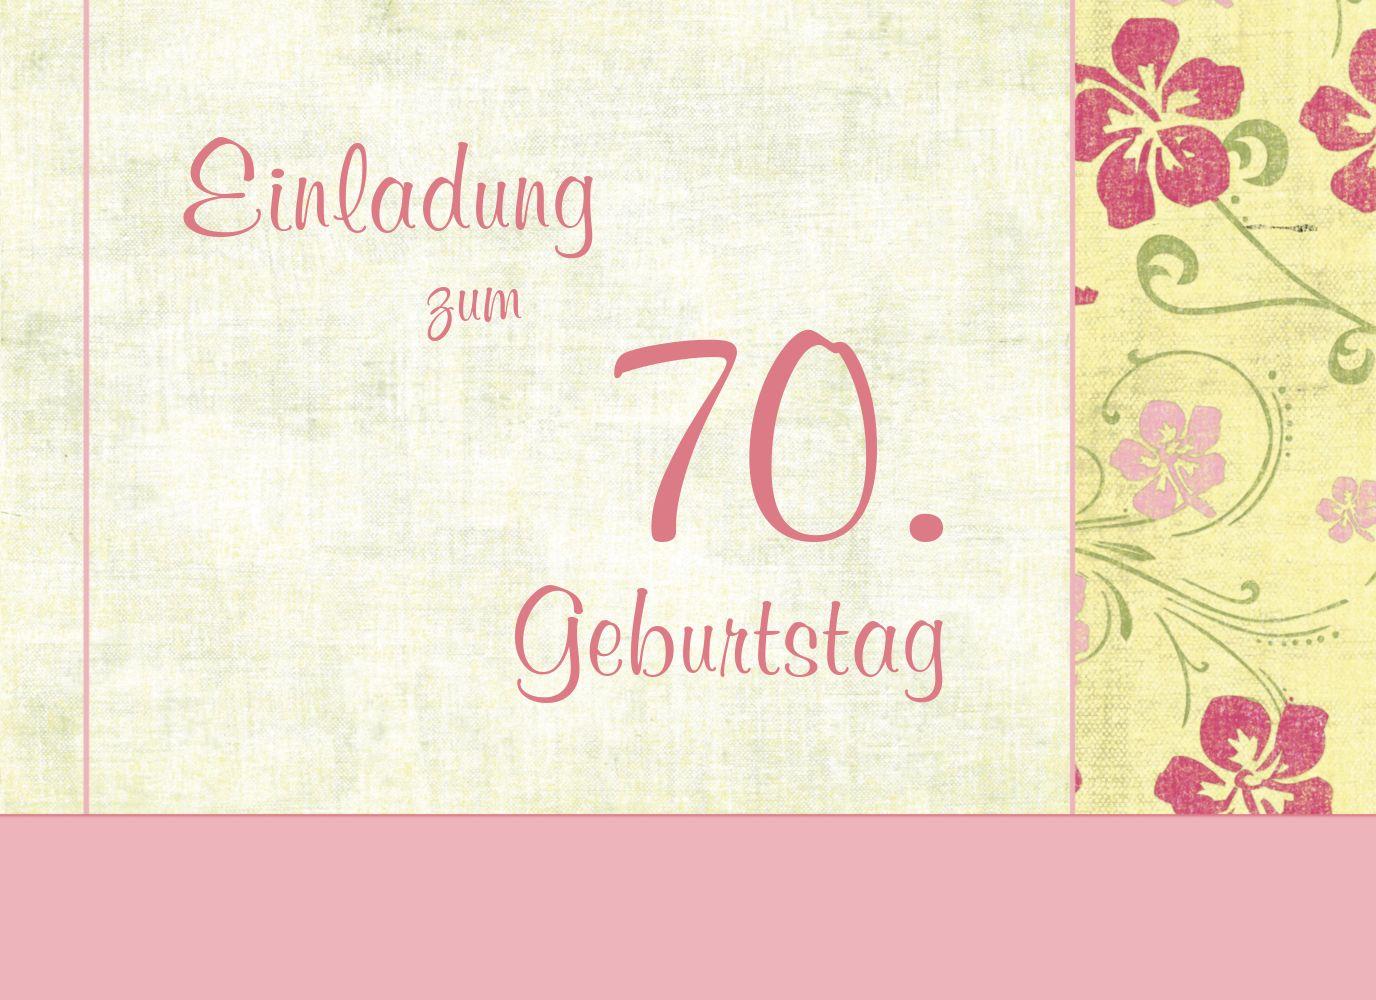 Ansicht 3 - Einladung zum Geburtstag Foto Hibiskus 70